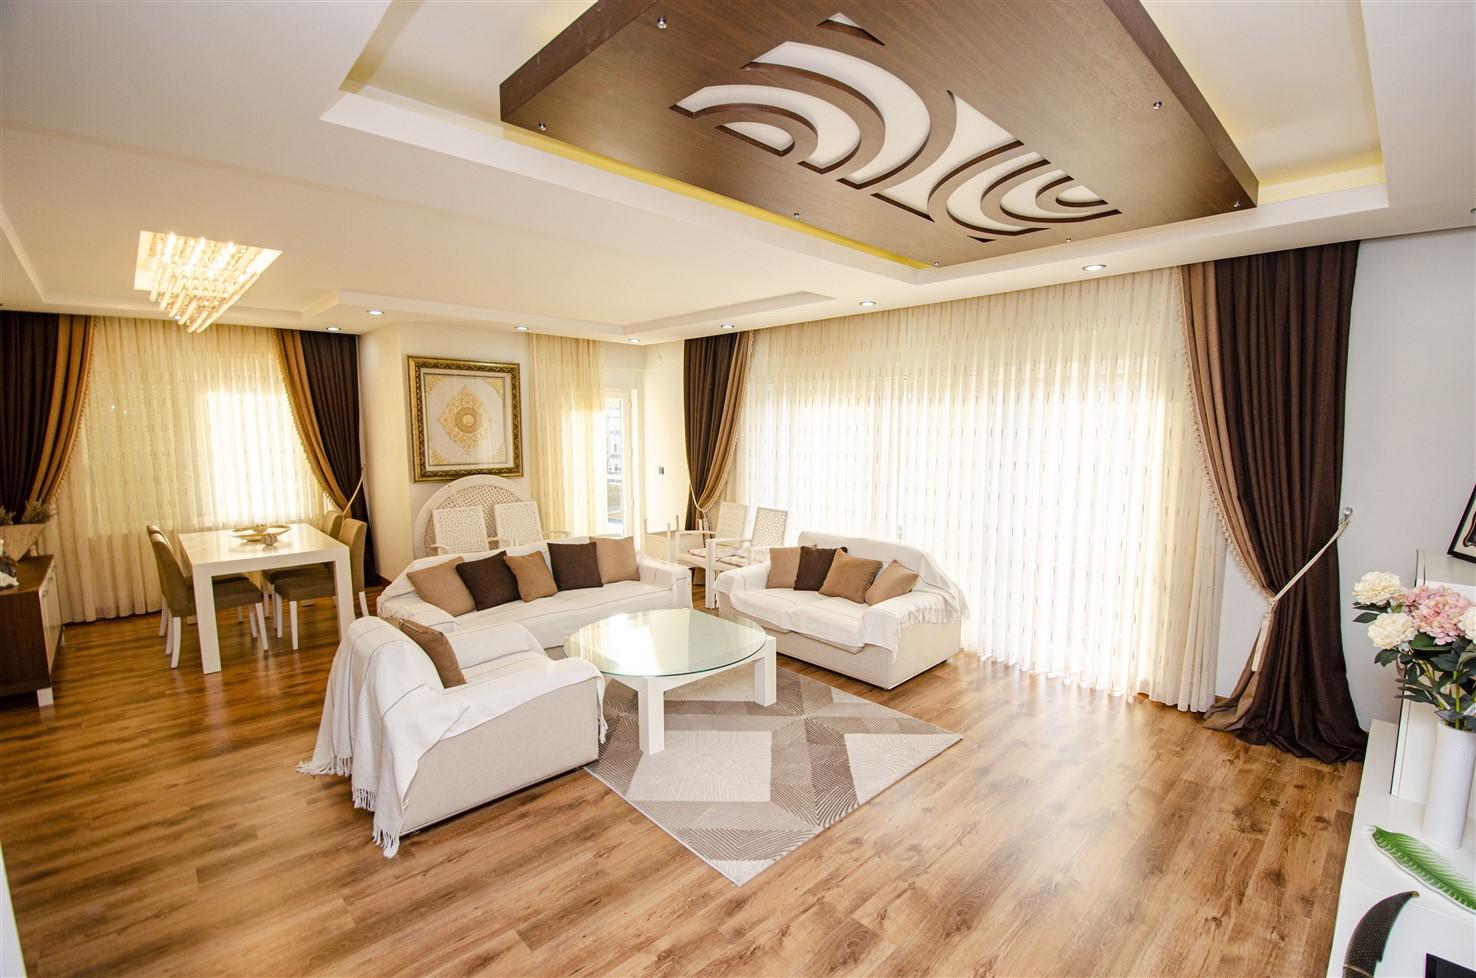 Квартира 3+1 с мебелью в 5 минутах от моря - Фото 30